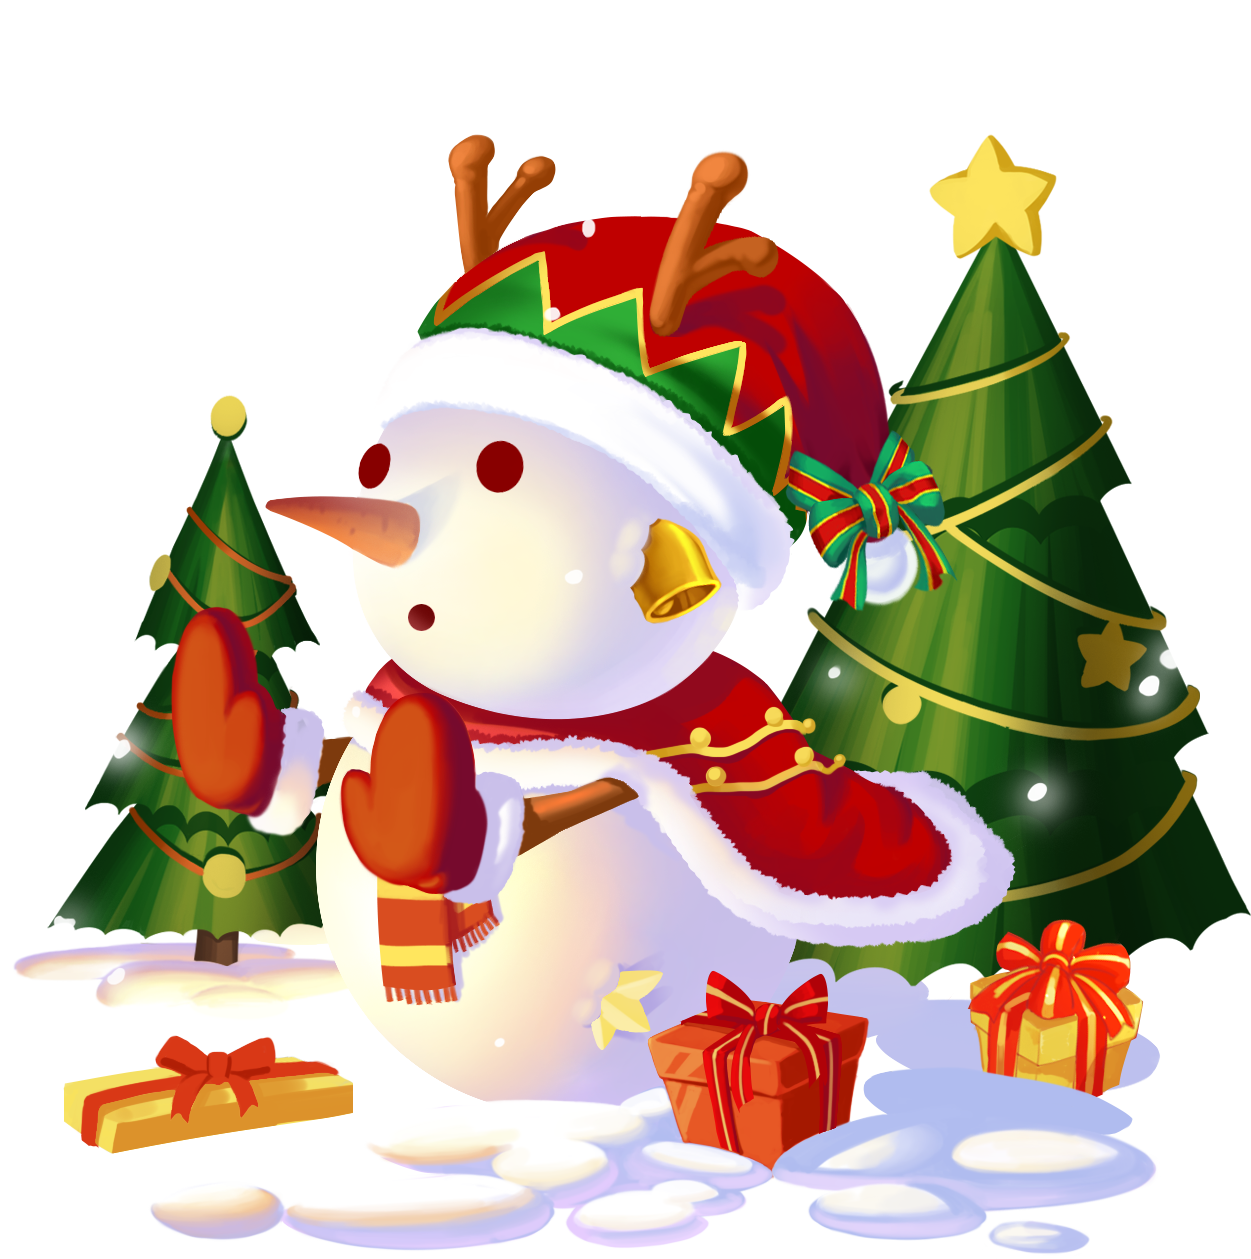 糖小凡陪玩收到礼物圣诞雪人